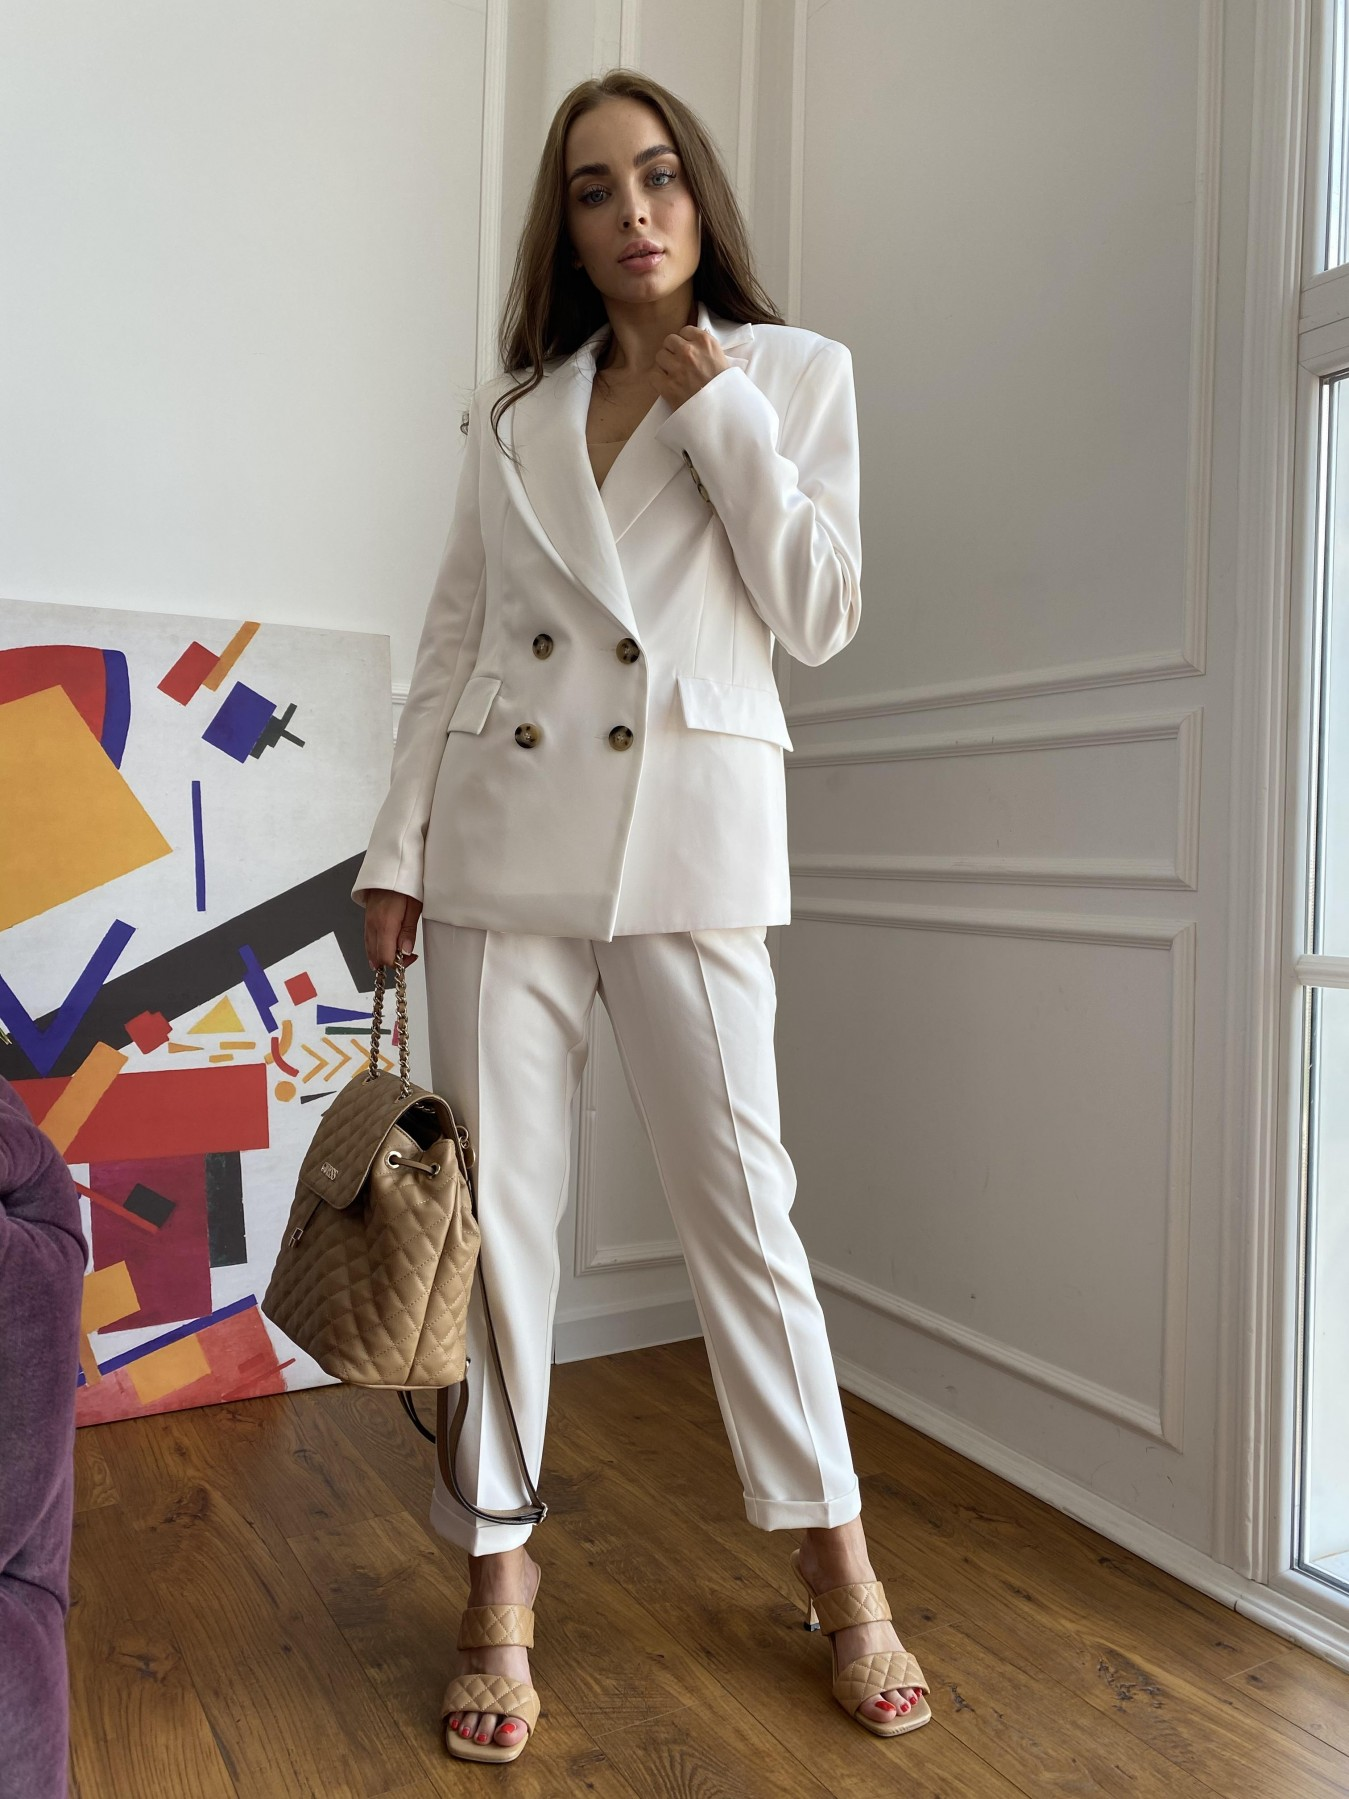 Франко деловой костюм из костюмной ткани 11090 АРТ. 47860 Цвет: Молоко 1 - фото 4, интернет магазин tm-modus.ru